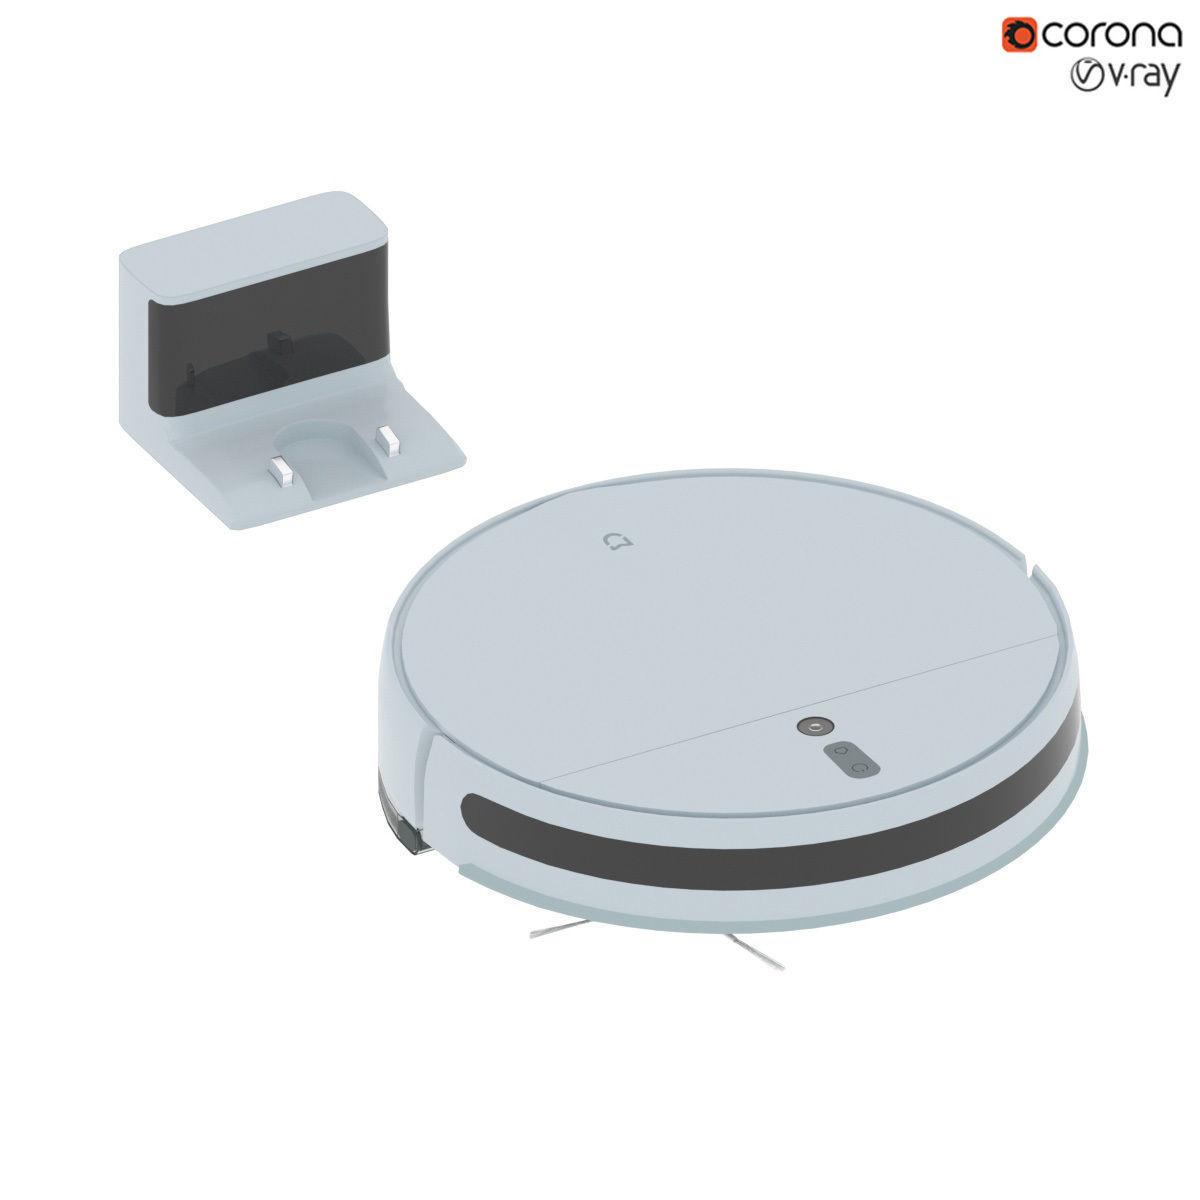 Xiaomi Vacuum Cleaner 1C Robot Vacuum Cleaner